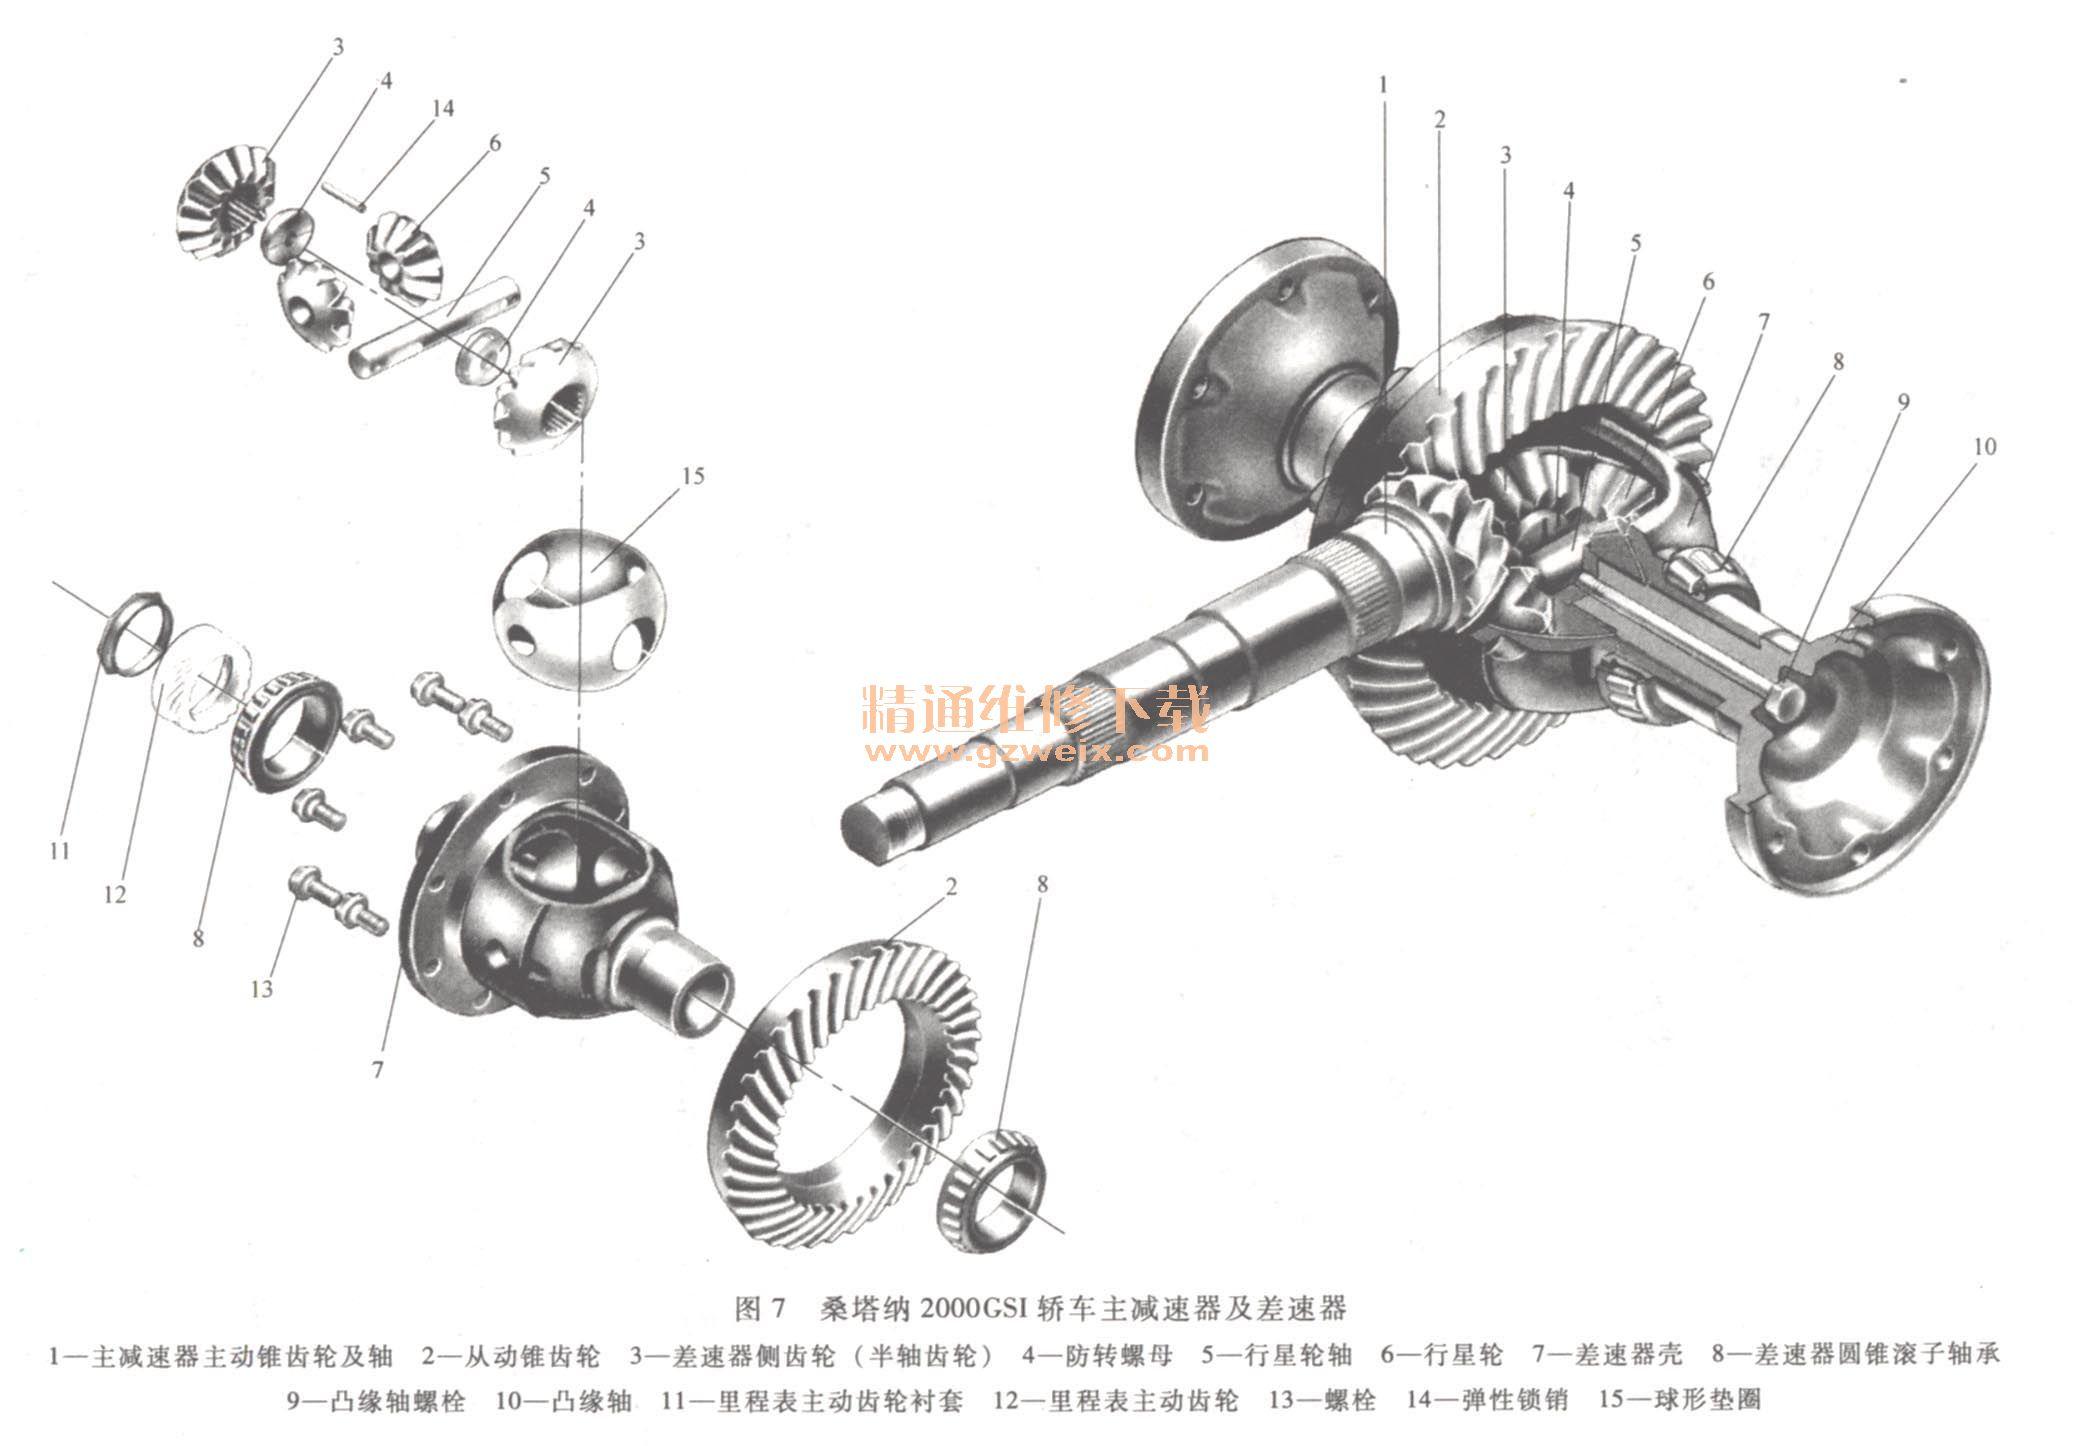 图7所示为桑塔纳2000 gsi轿车的主减速器和差速器结构图及其零件分解